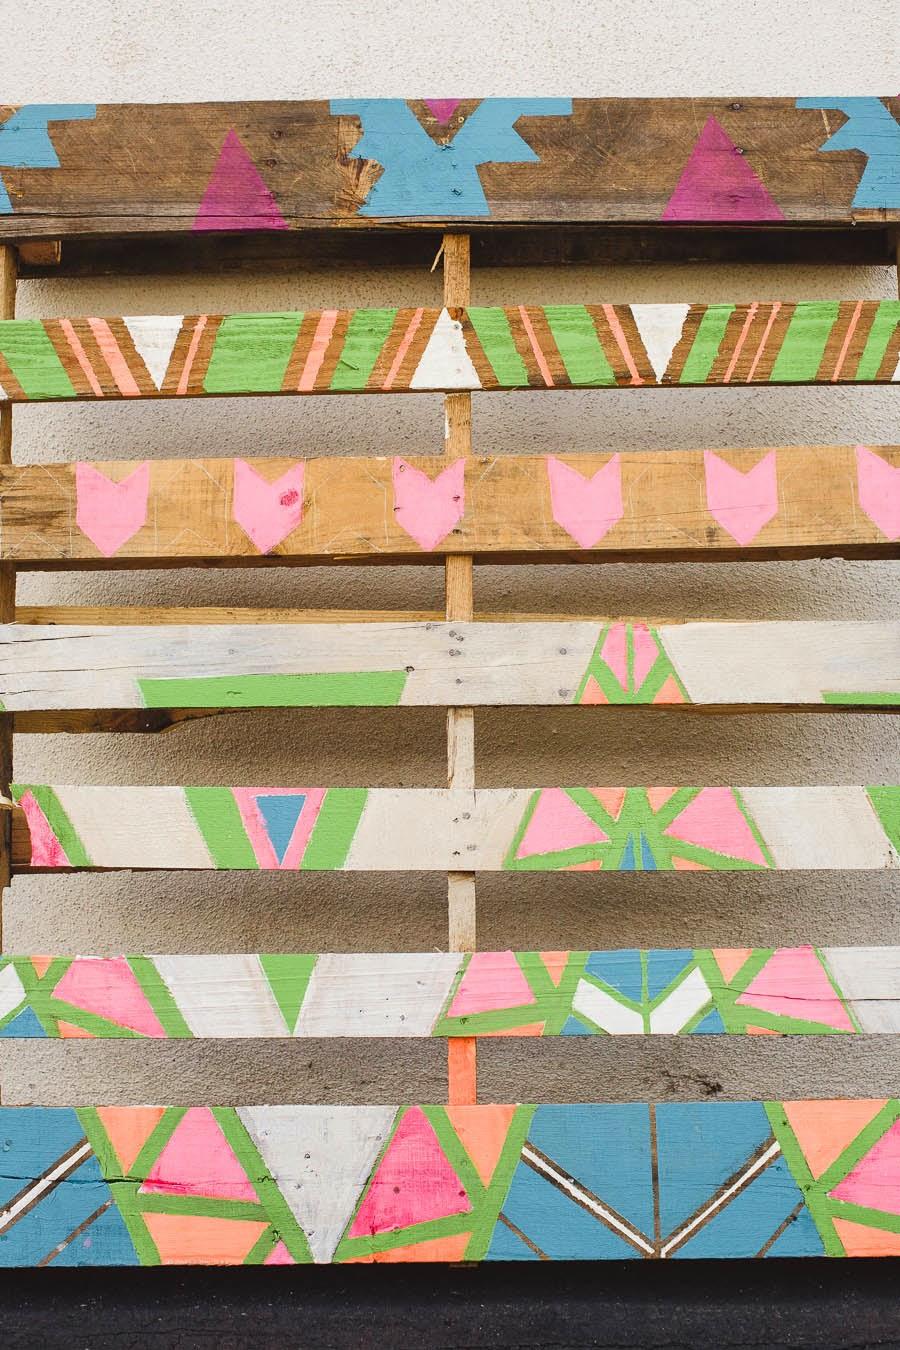 Diy photocall con palets y pintura de colores1